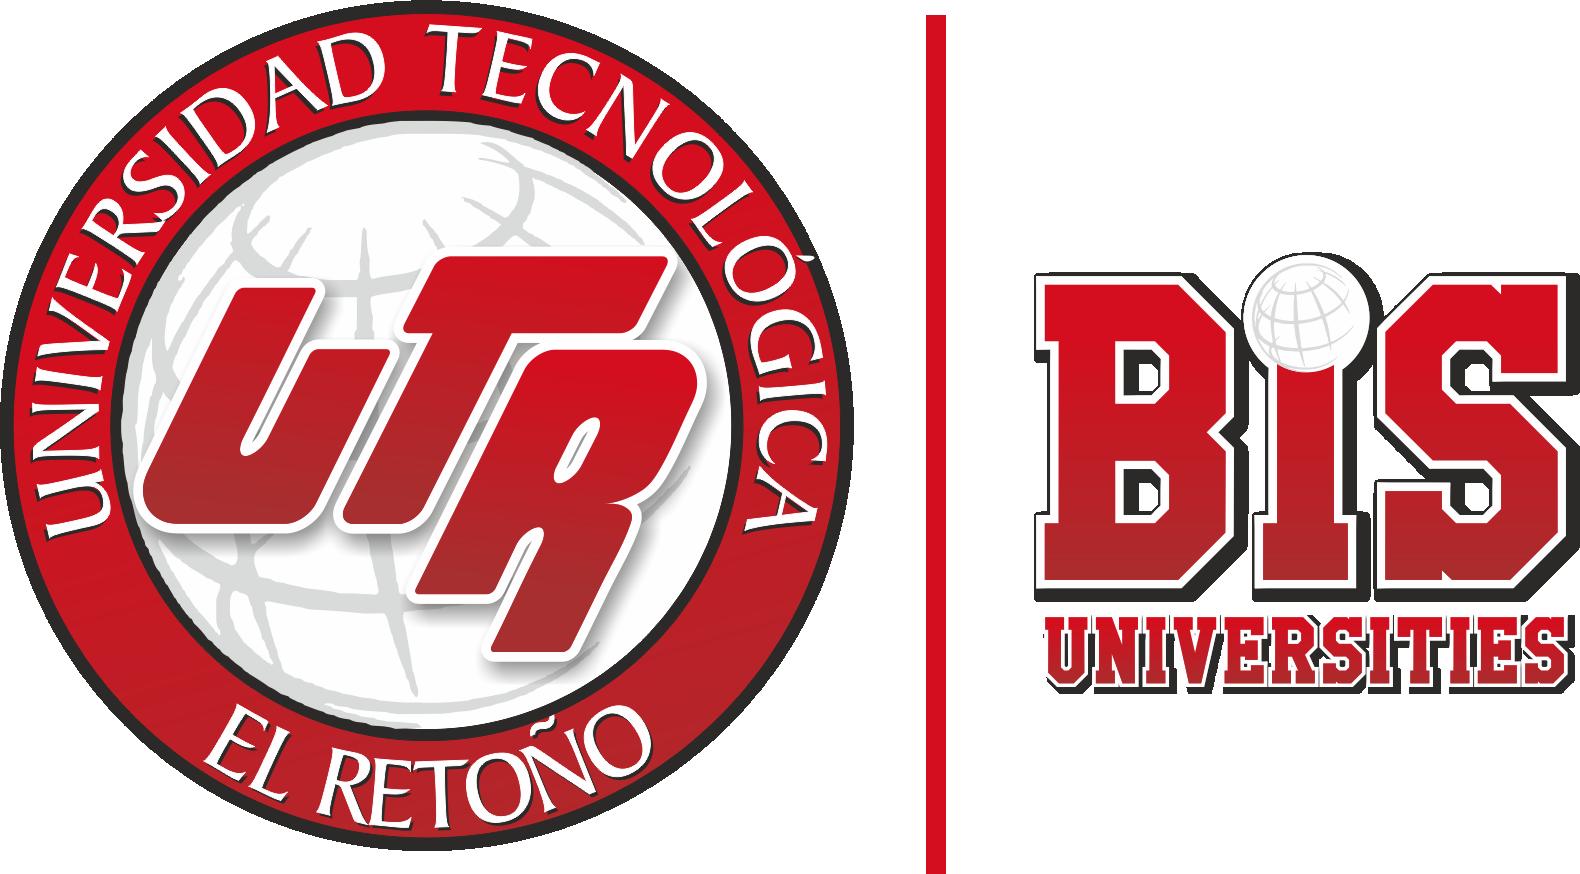 Capsim Spotlight: Universidad Tecnológica del Retoño